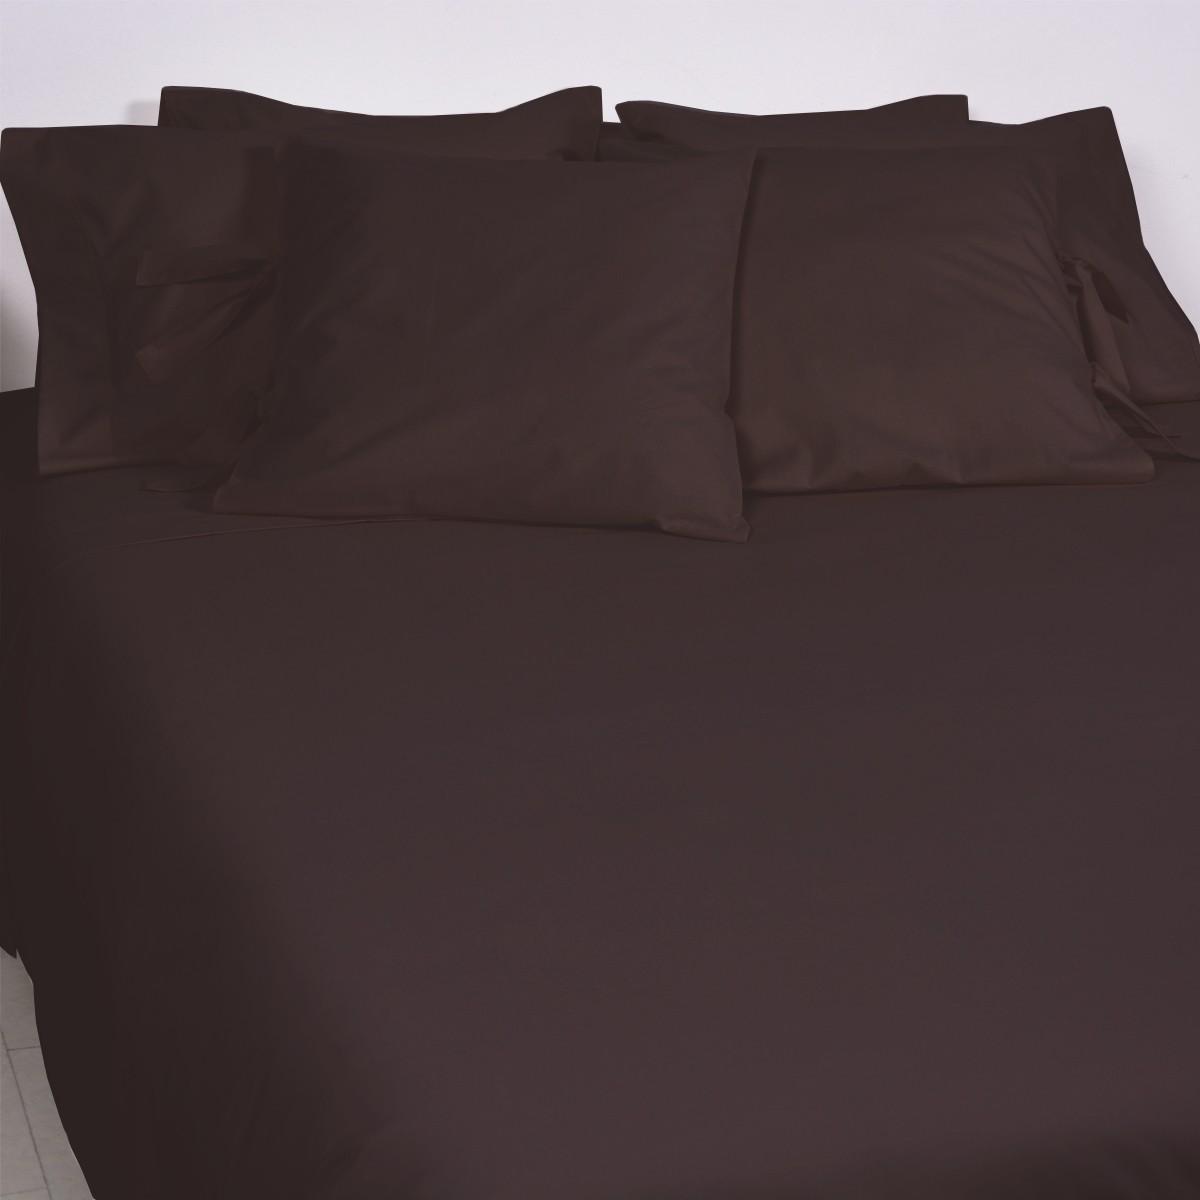 Bolstercase Nude Cotton, LAMEIRINHO